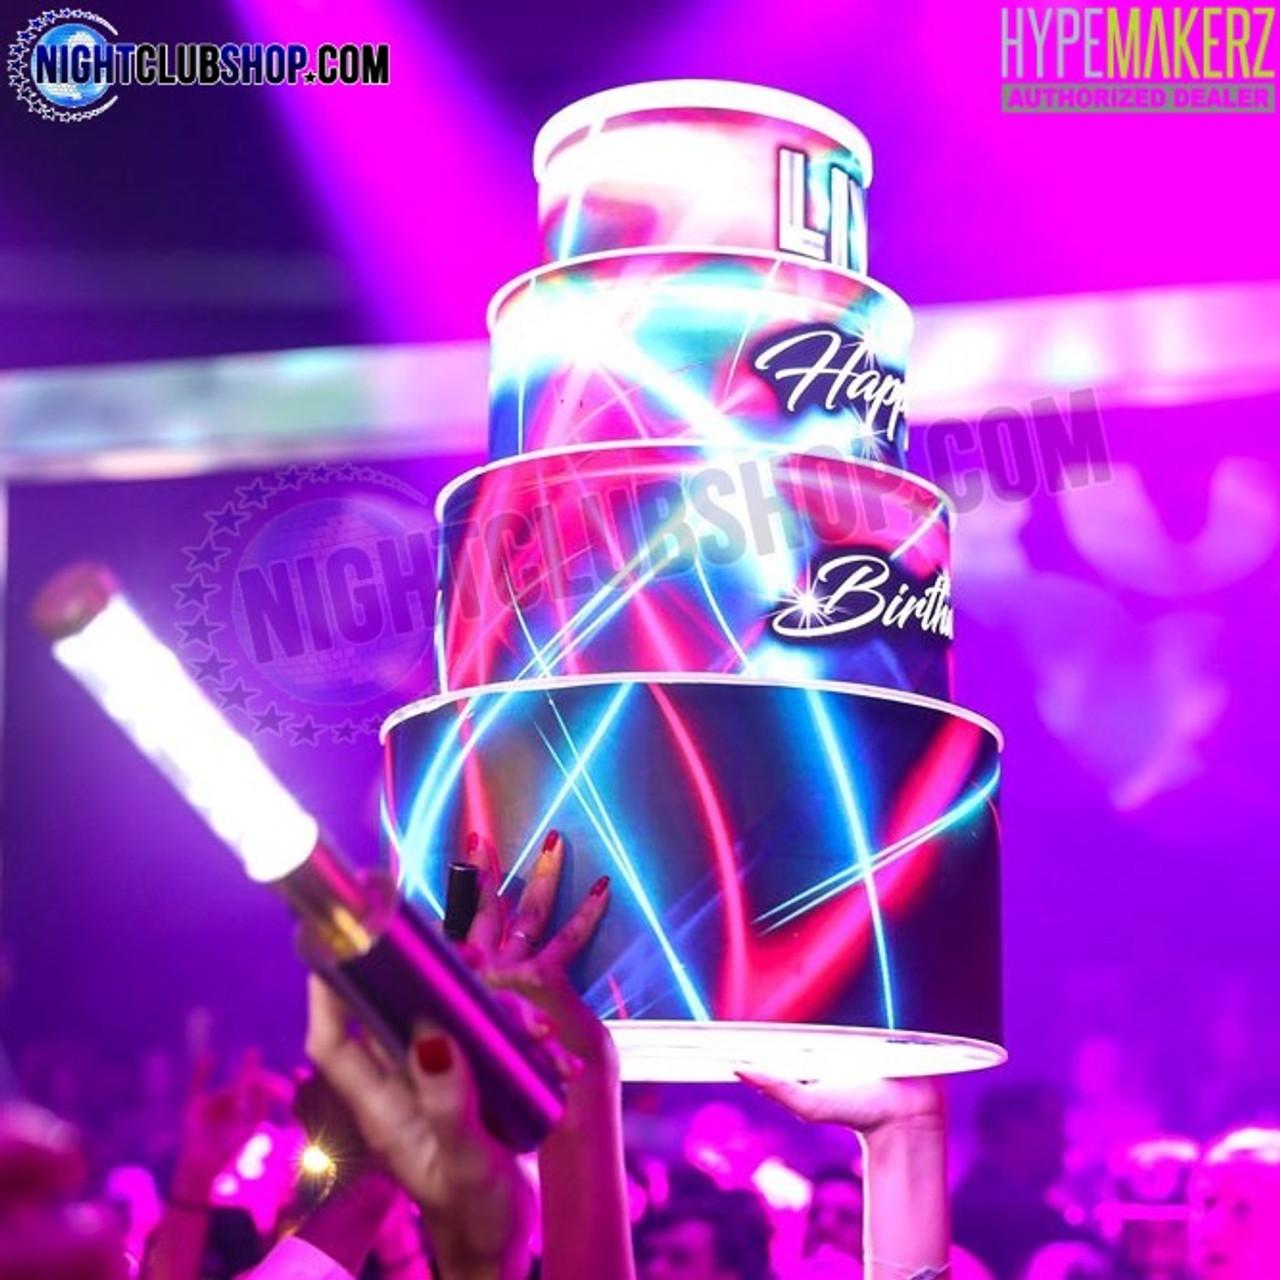 LED, Cake, Birthday, Happy, Celebration, Bottle, Presenter, Custom, Piece, Nightclub, Casino, Bar, Restaurant